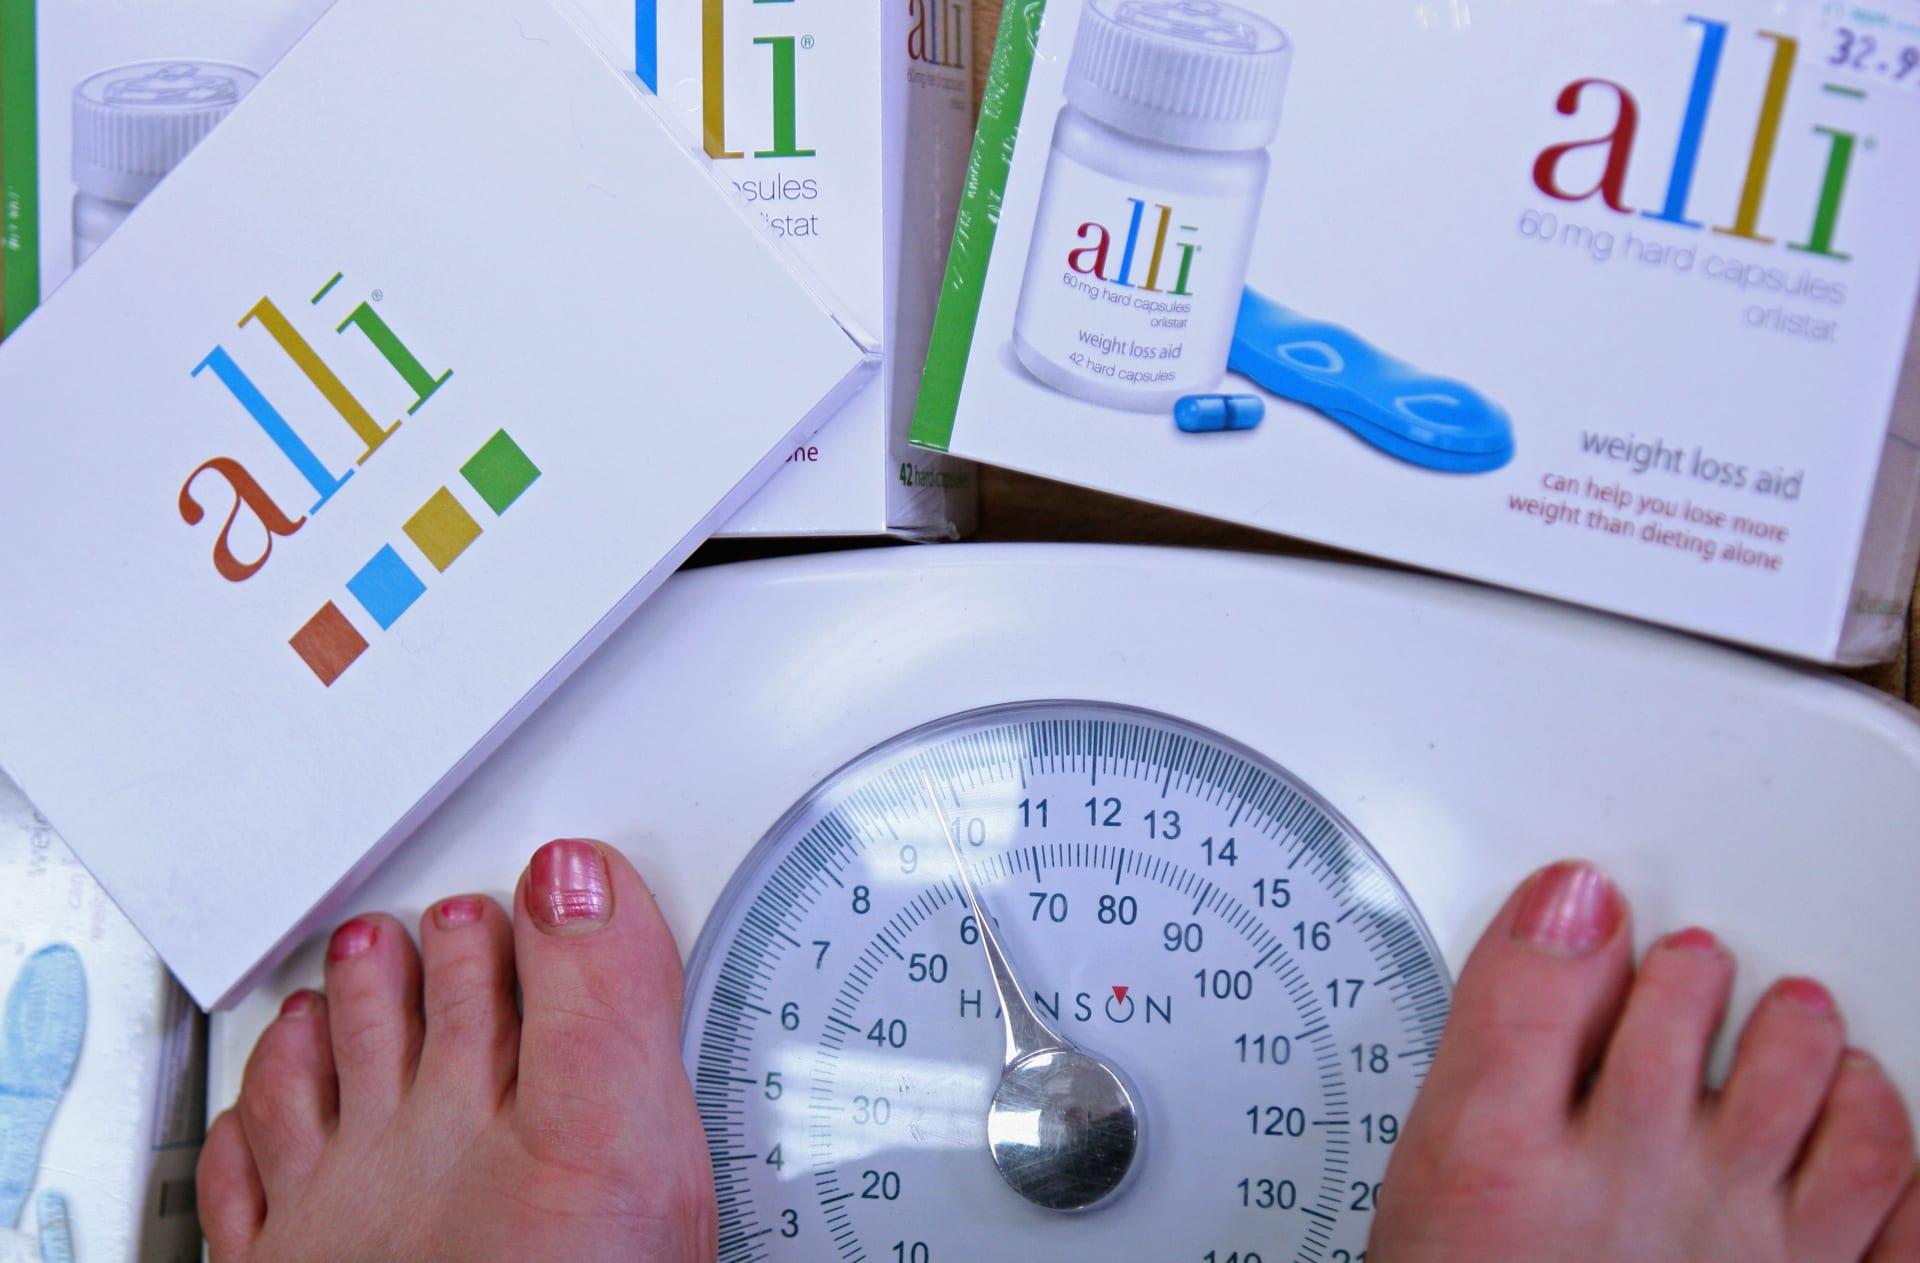 دراسة: احتمال وجود نتيجة مفاجئة لفقدان الوزن مع تقدم العمر